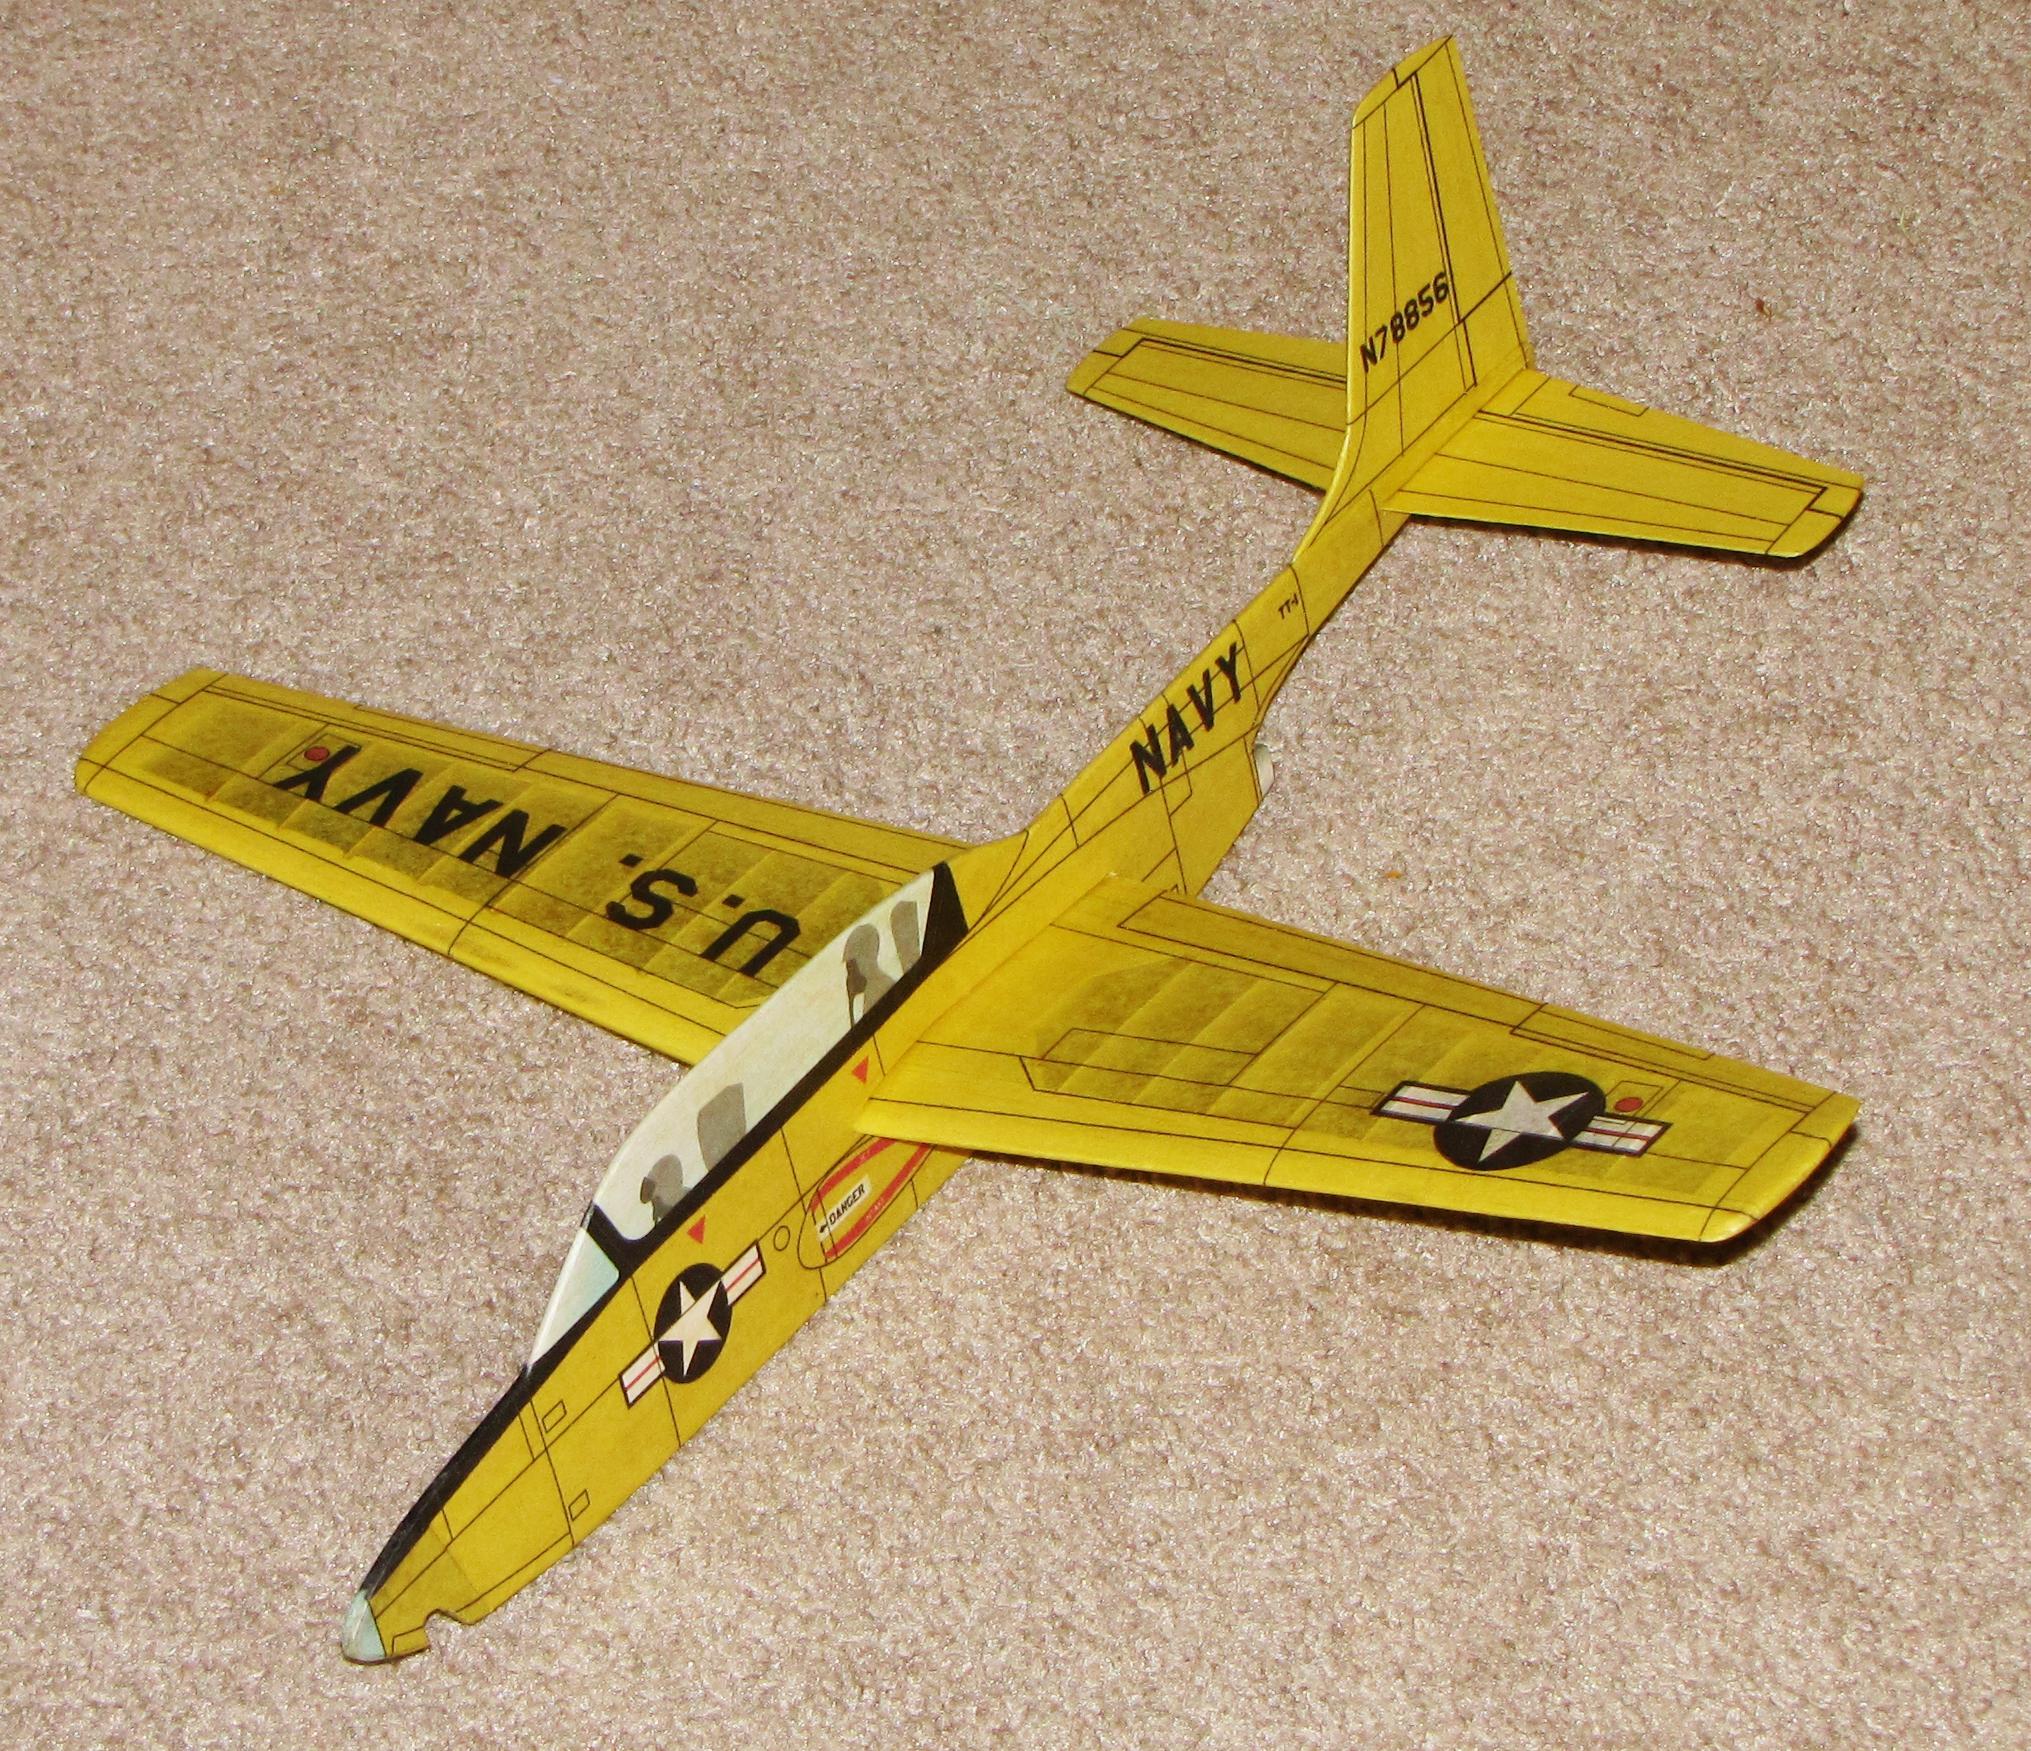 Temco TT-1 Jet Cat model